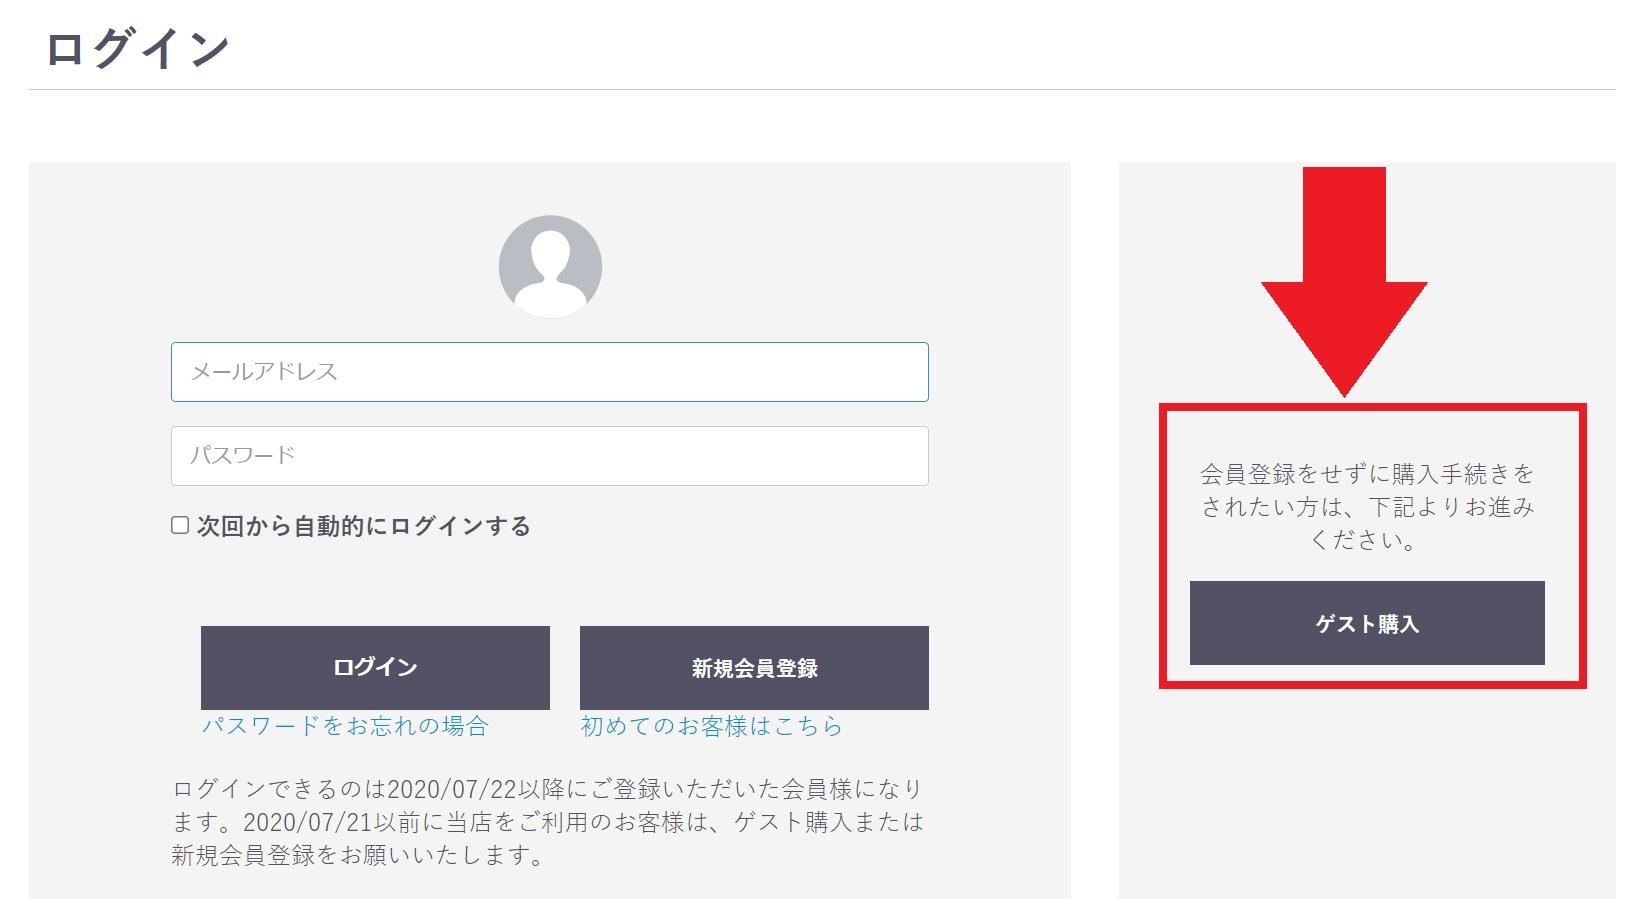 購入方法➂ログイン画面で会員登録するか決める